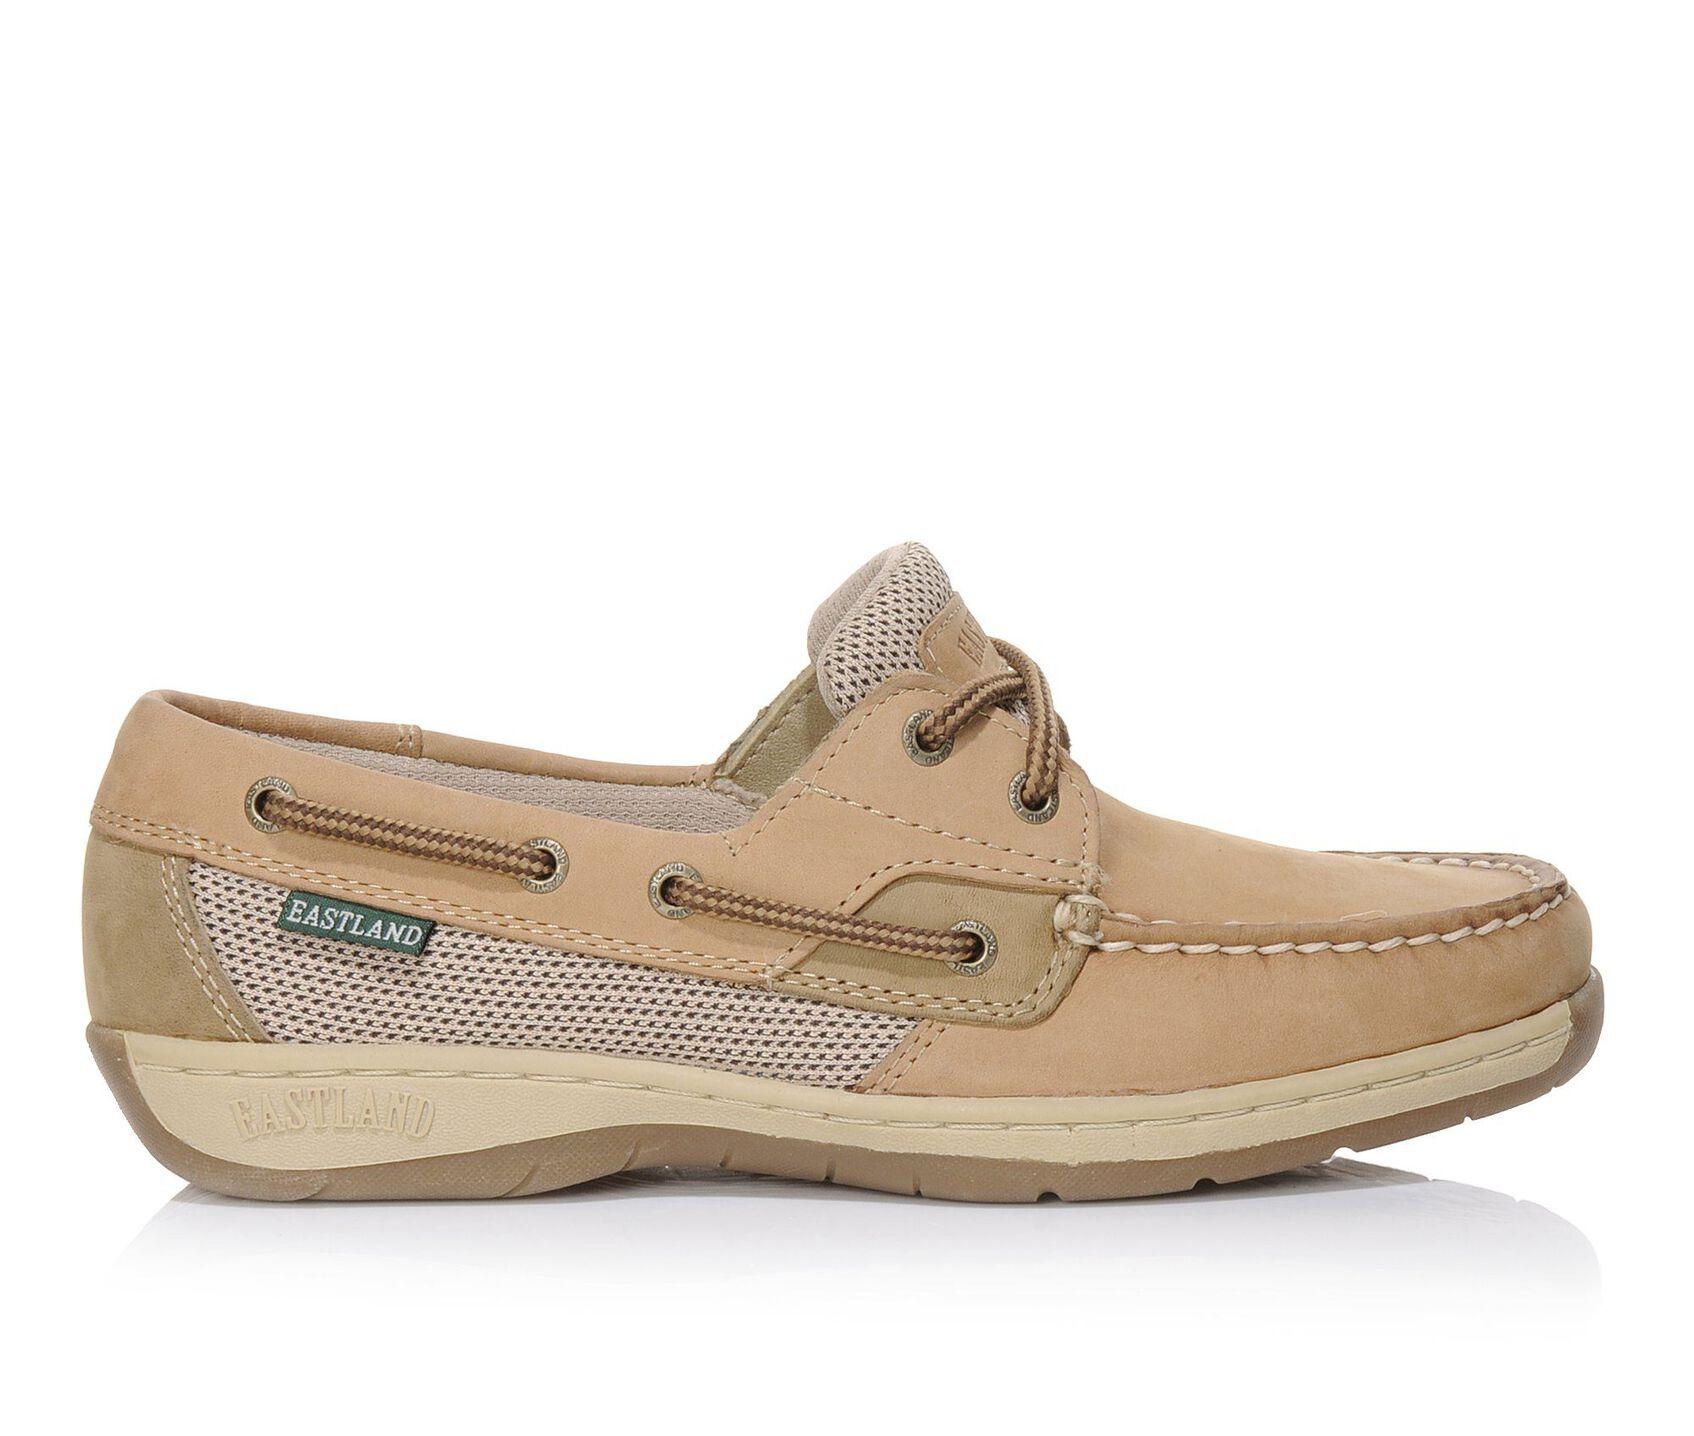 f6a74b37f9ec ... Eastland Solstice Boat Shoes. Previous